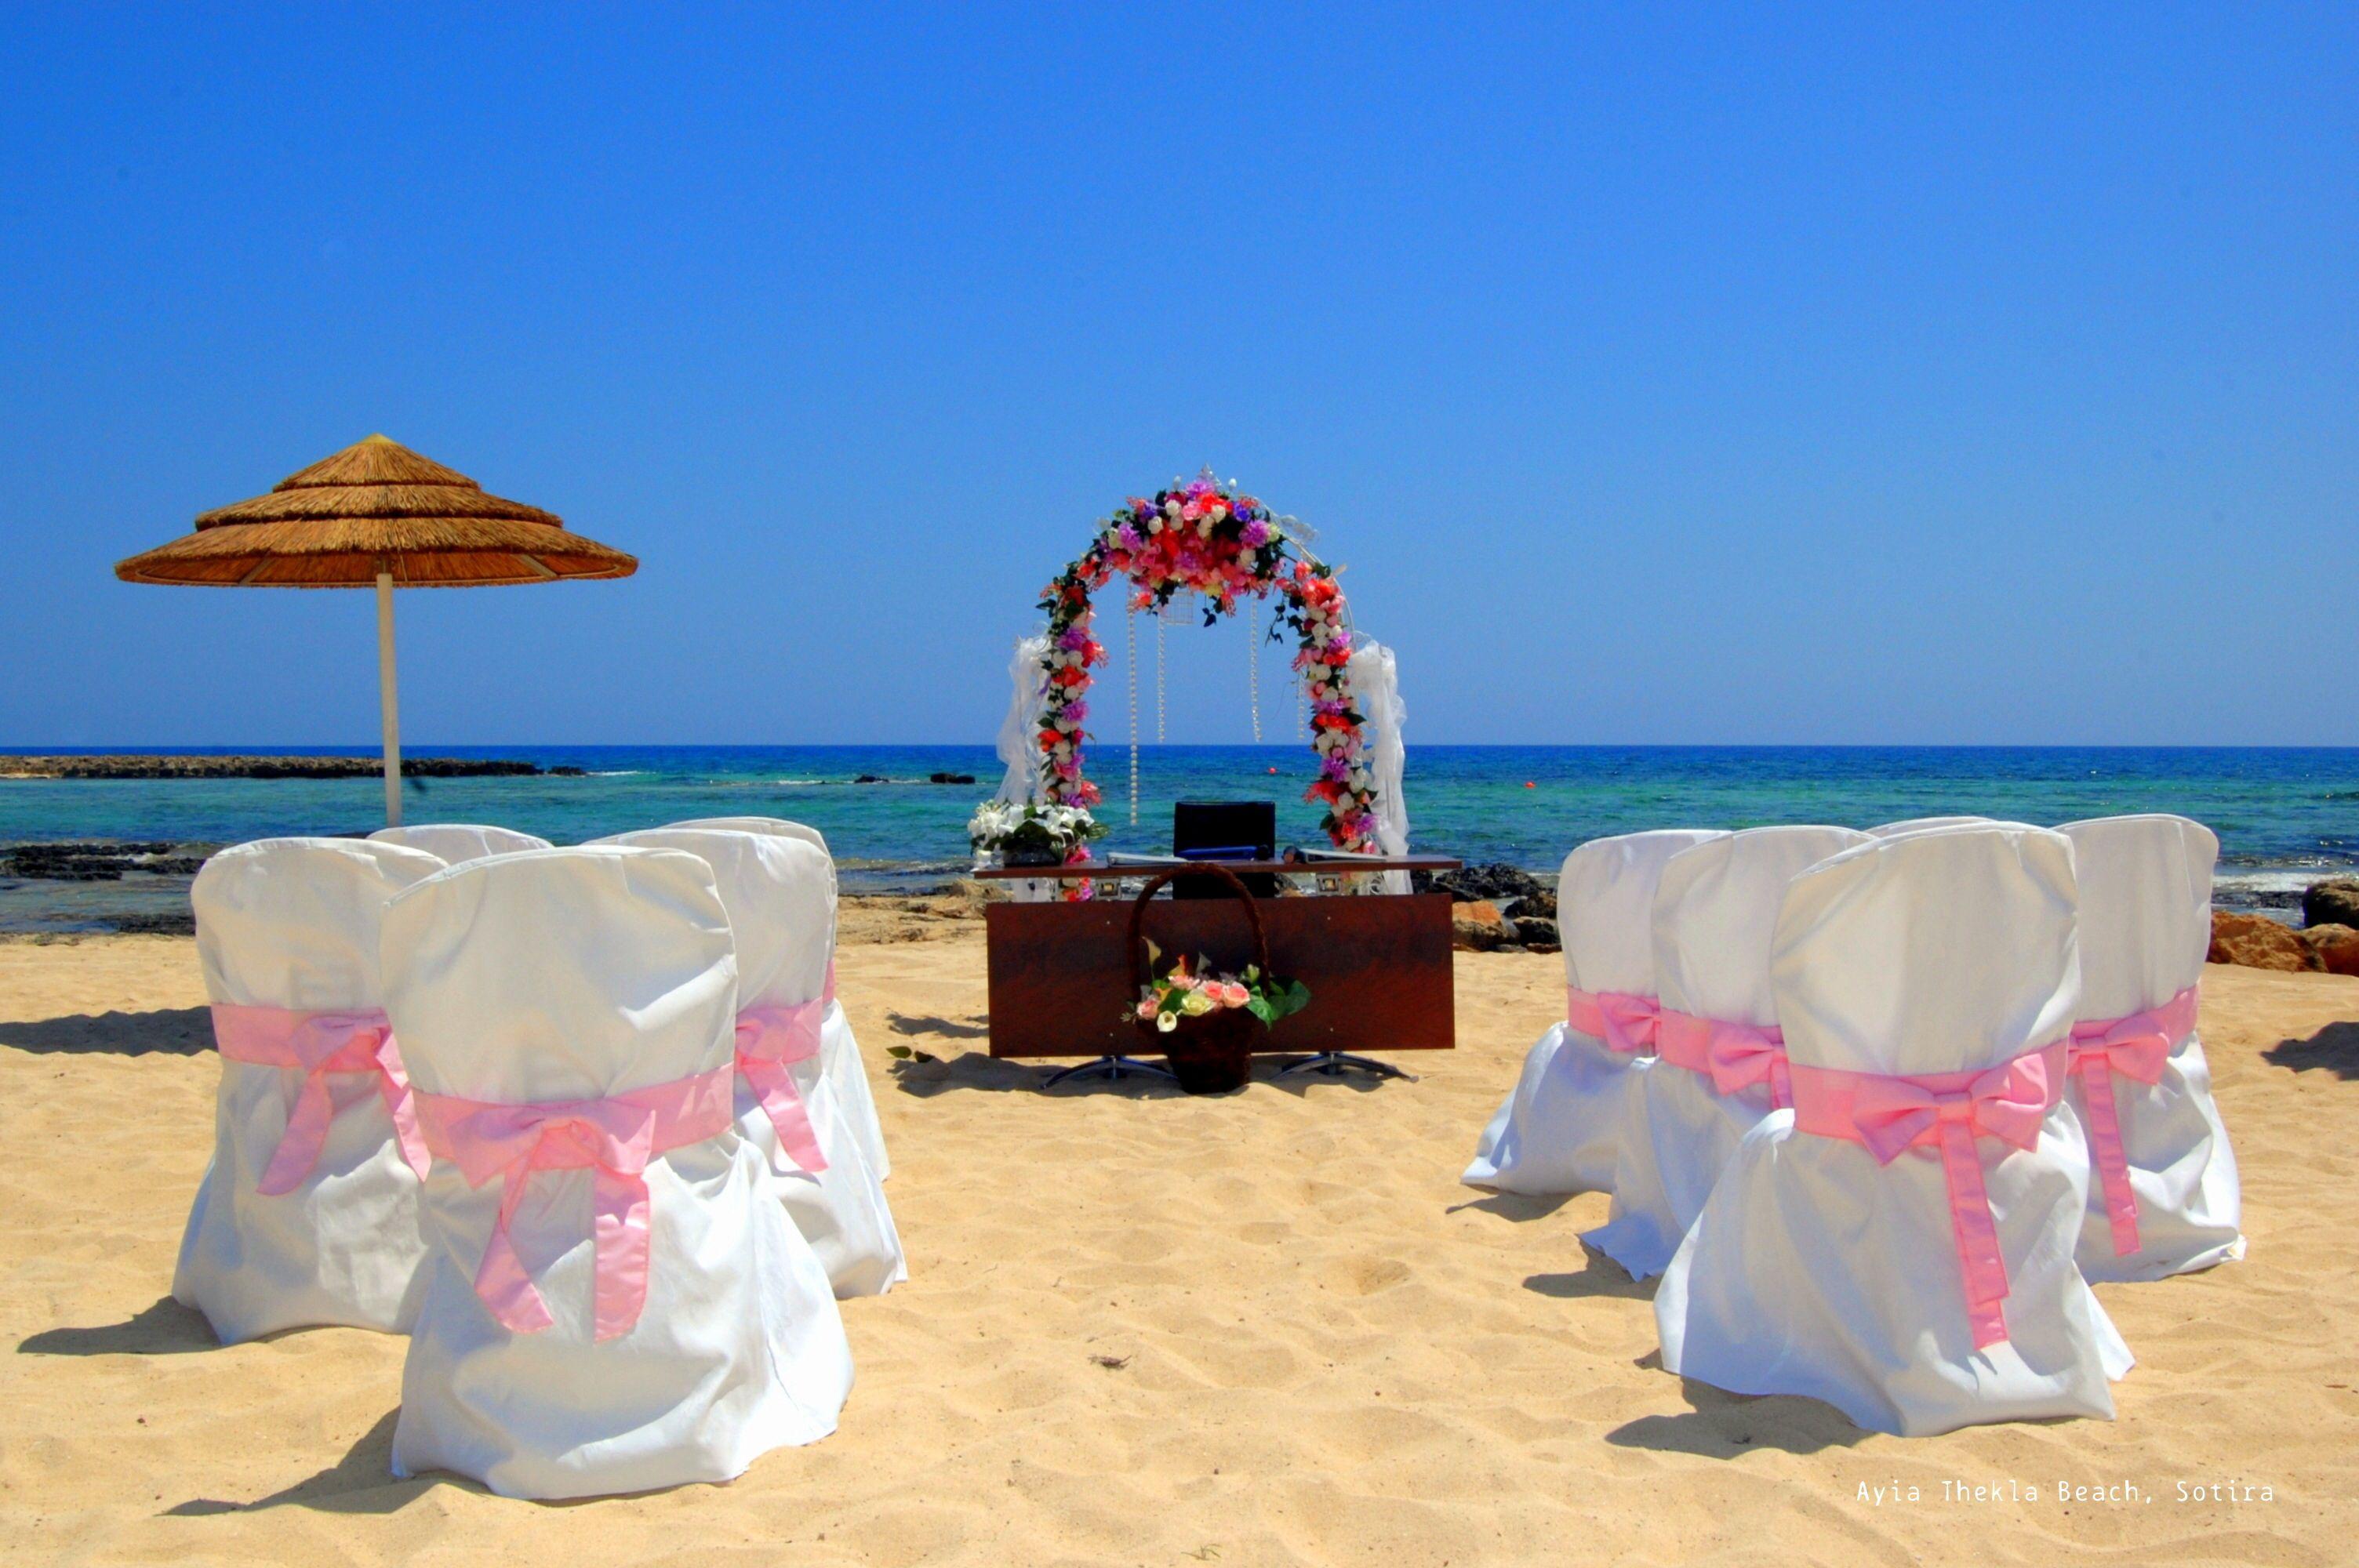 Ayia Thekla Wedding Venue (Municipality Of Sotira, CYPRUS